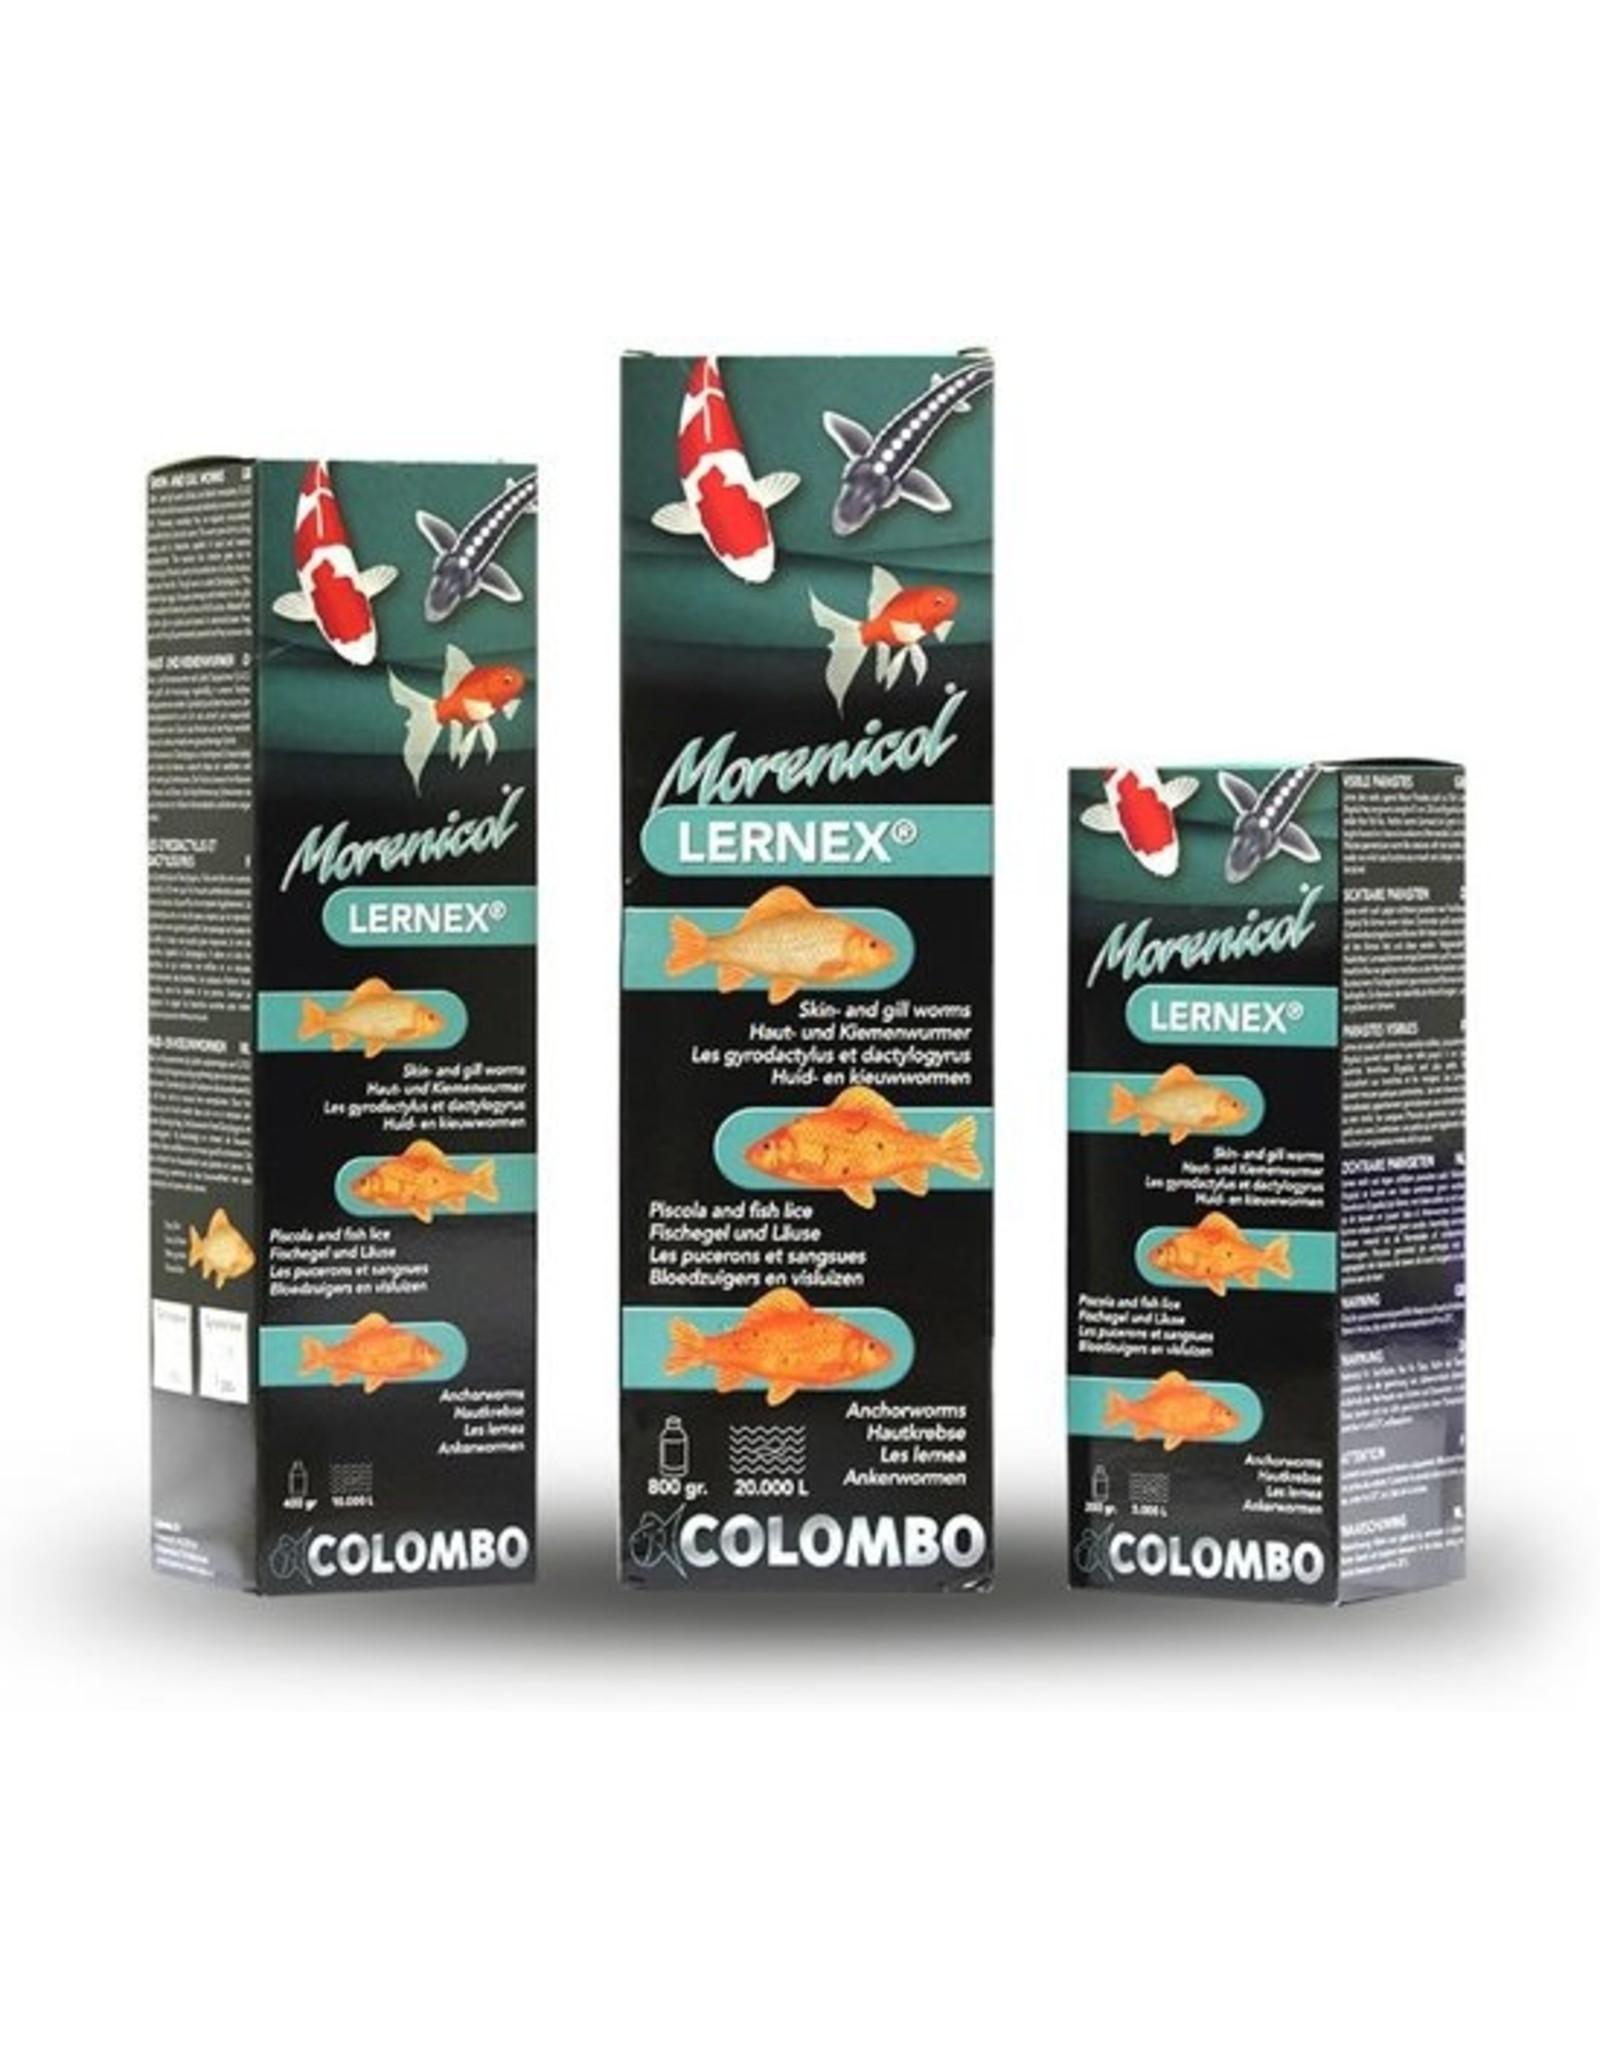 Colombo Morenicol Lernex is werkzaam tegen huid en kieuwwormen, inwendige wormen, bloedzuigers, visluizen en ankerwormen.